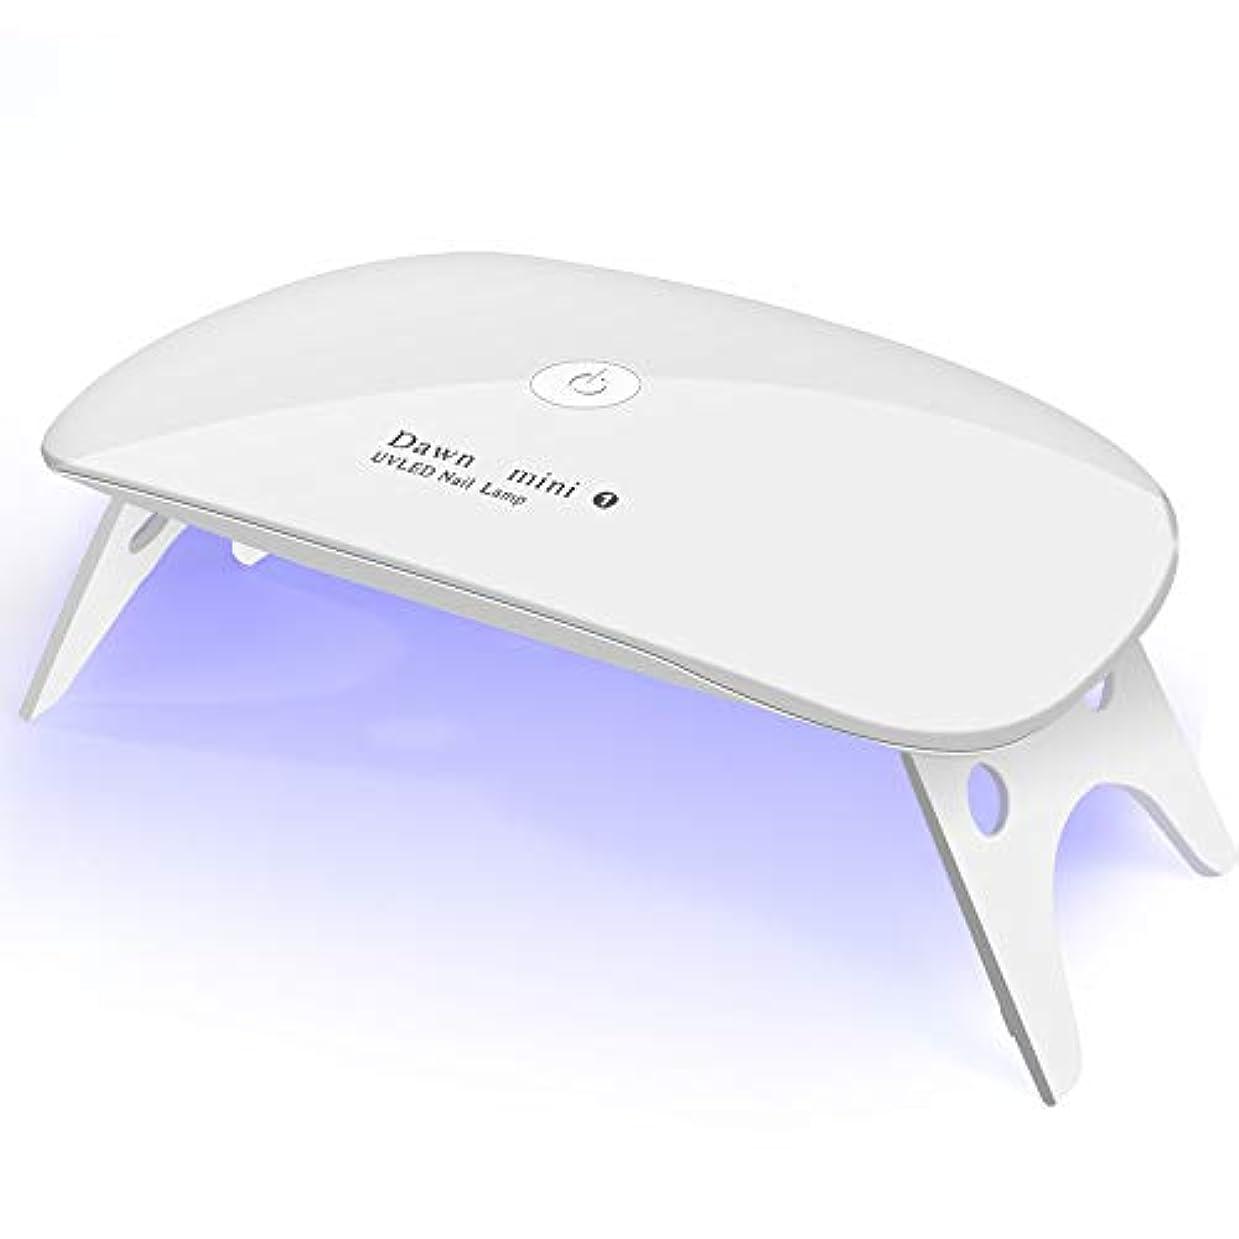 バター有名な治療UVライト LEDネイルドライヤー ジェルネイルLEDライト 硬化ライト タイマー設定可能 折りたたみ式手足とも使える 人感センサー式 UV と LEDダブルライト ジェルネイル用 (ホワイト )